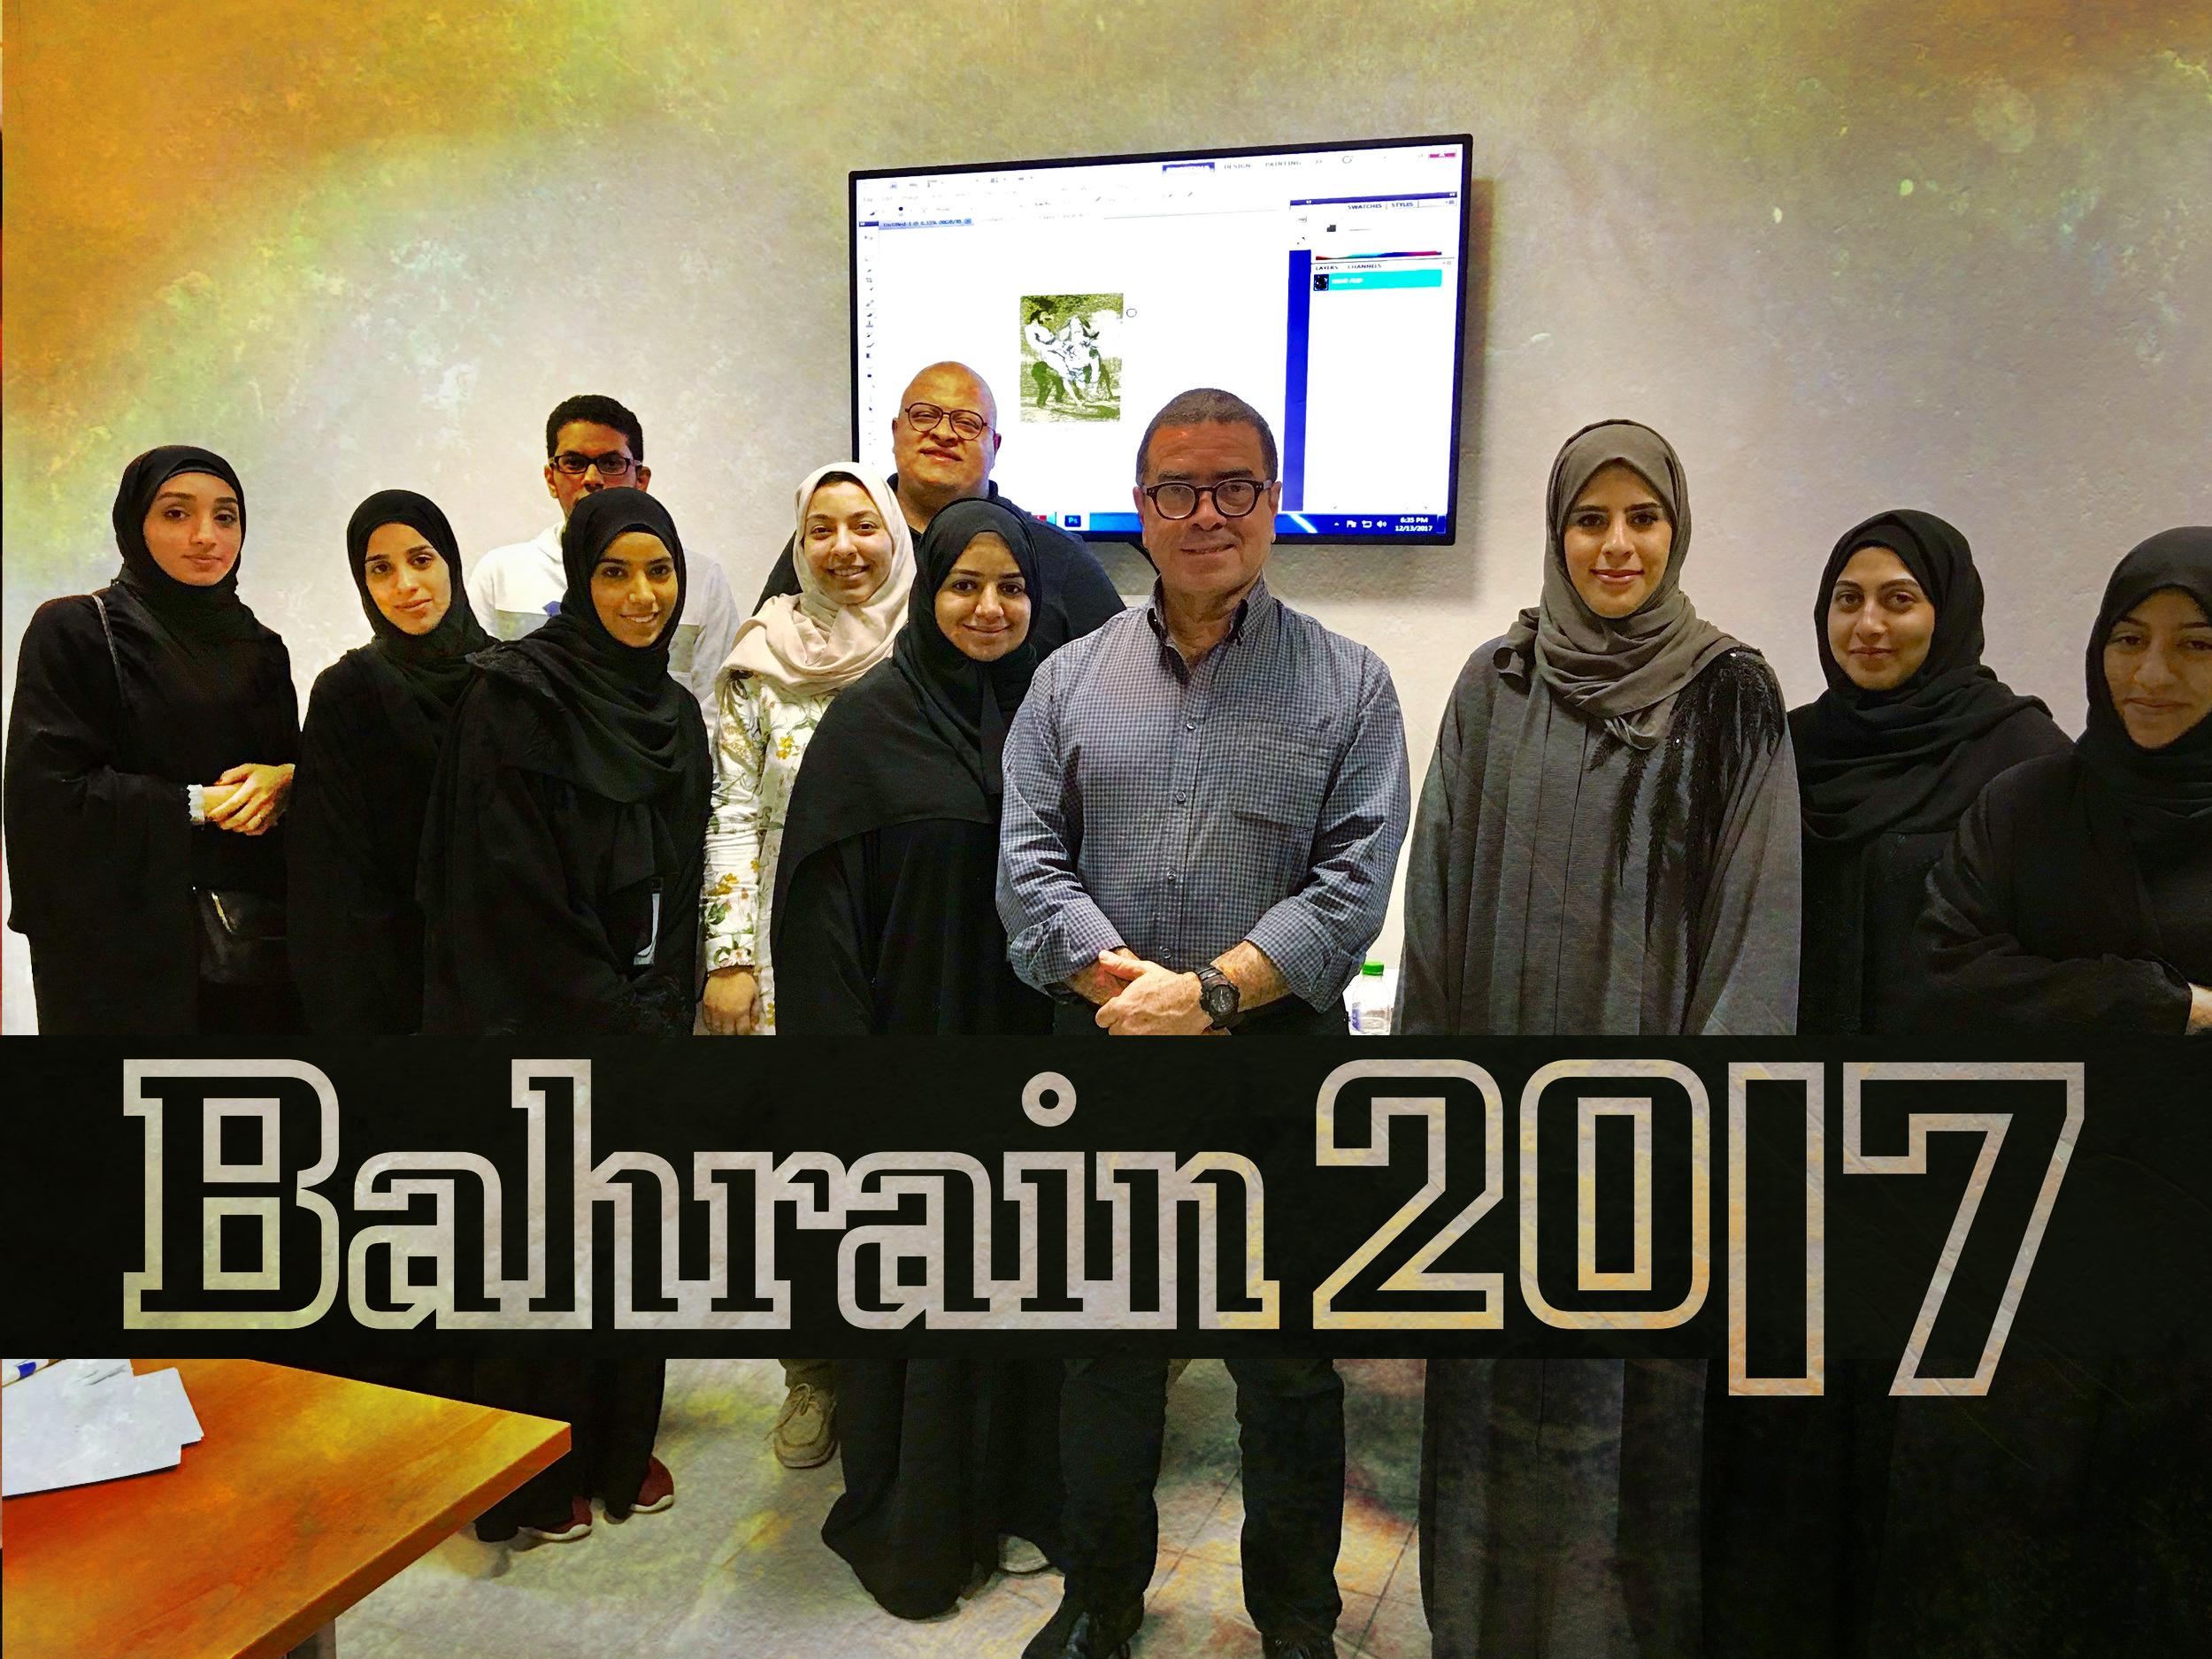 Bahrain-title.jpg